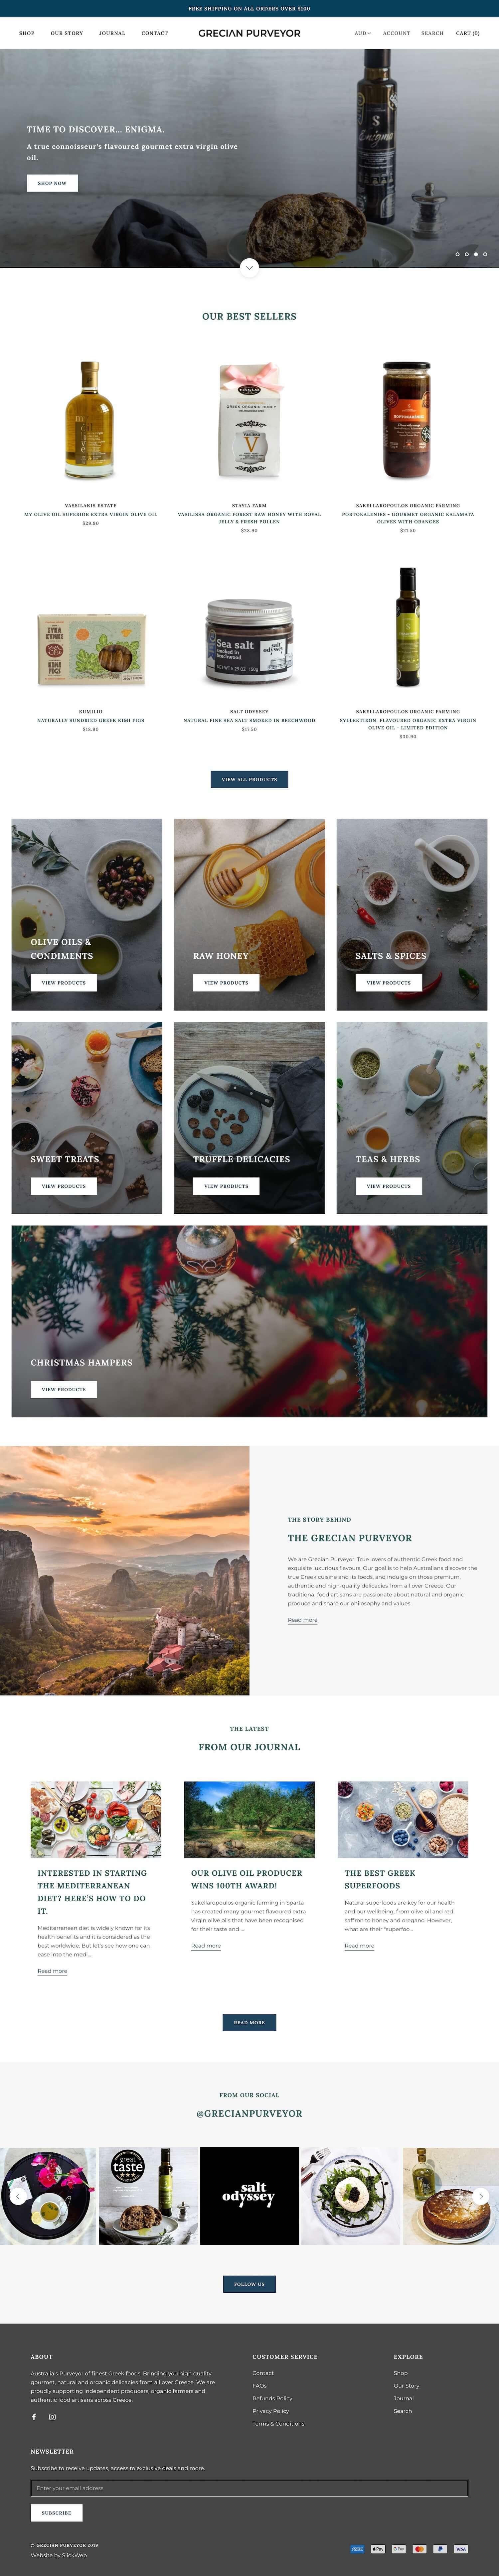 SlickWeb_Work_GrecianPurveyor_Home_Desktop.jpg